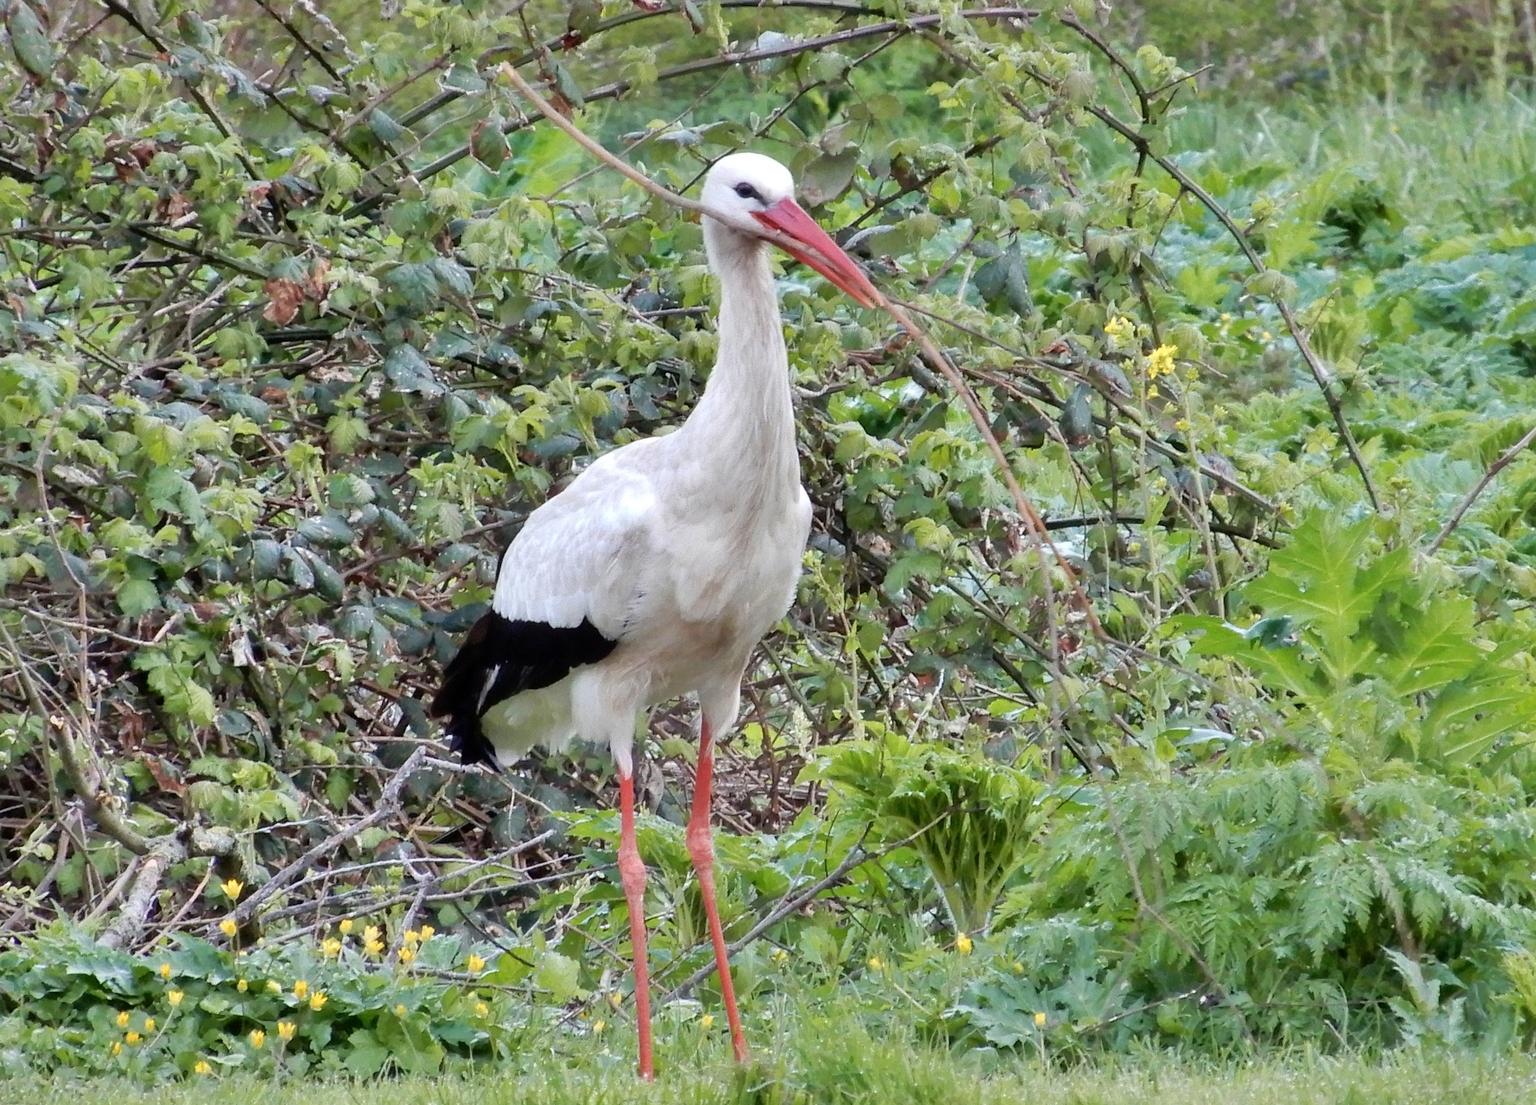 gevonden! - de ooievaar was op zoek naar een aanvulling voor het nest, er ontbraken kennelijk nog wat grotere takken. je ziet dat hij iets passends gevonden heef - foto door Tonny1946 op 16-04-2021 - locatie: Nieuwegein, Nederland - deze foto bevat: ooievaar, nieuwegein, nedereindseweg, grasveld, takjes, verzamelen, 15 april 2021, fabriek, vogel, plant gemeenschap, witte ooievaar, bek, vegetatie, gras, biome, ciconiiformes, pelecaniformes